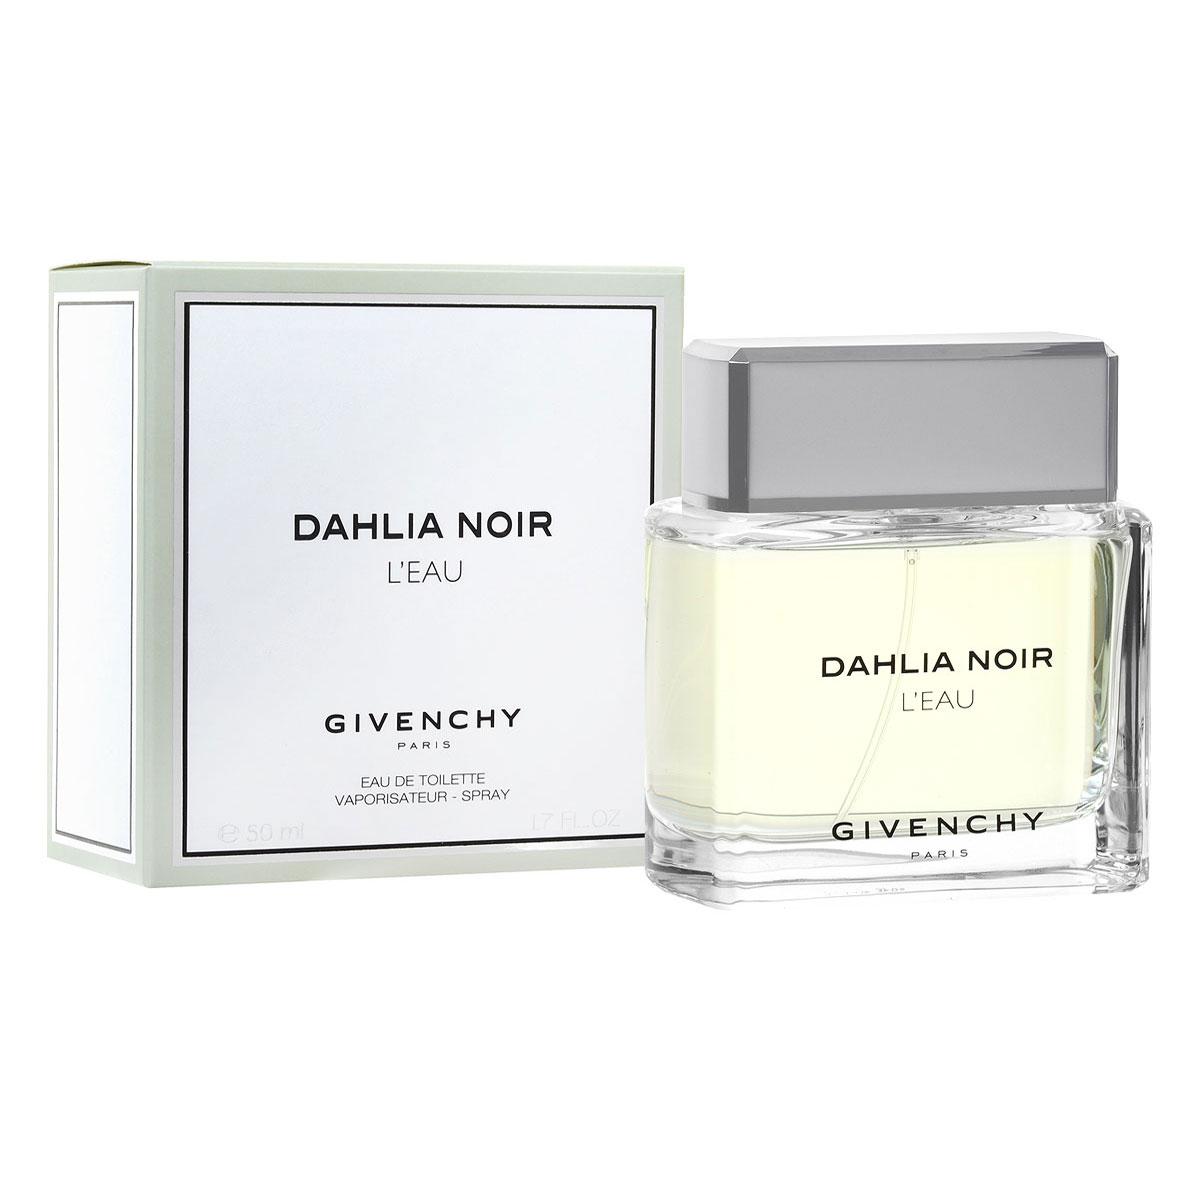 Givenchy Туалетная вода Dahlia Noir Leau, женская, 50 мл5215Аромат Dahlia Noir LEau от Givenchy таит в себе нежную чистоту и удивительную романтичность. Аромат очарует вас легкостью и женственностью своего звучания, подарит ощущение гармонии и счастья. Композиция аромата построена удивительно гармонично, каждая нота становится естественным продолжением предыдущей. Классификация аромата: шипровый, цветочный.Пирамида аромата:Верхние ноты: цитрусовые, нероли.Ноты сердца: роза.Ноты шлейфа: пачули, белый кедр, мускус. Ключевые словаЧистый, женственный, нежный.Туалетная вода - один из самых популярных видов парфюмерной продукции. Туалетная вода содержит 4-10%парфюмерного экстракта. Главные достоинства данного типа продукции заключаются в доступной цене, разнообразии форматов (как правило, 30, 50, 75, 100 мл), удобстве использования (чаще всего - спрей). Идеальна для дневного использования.Товар сертифицирован.